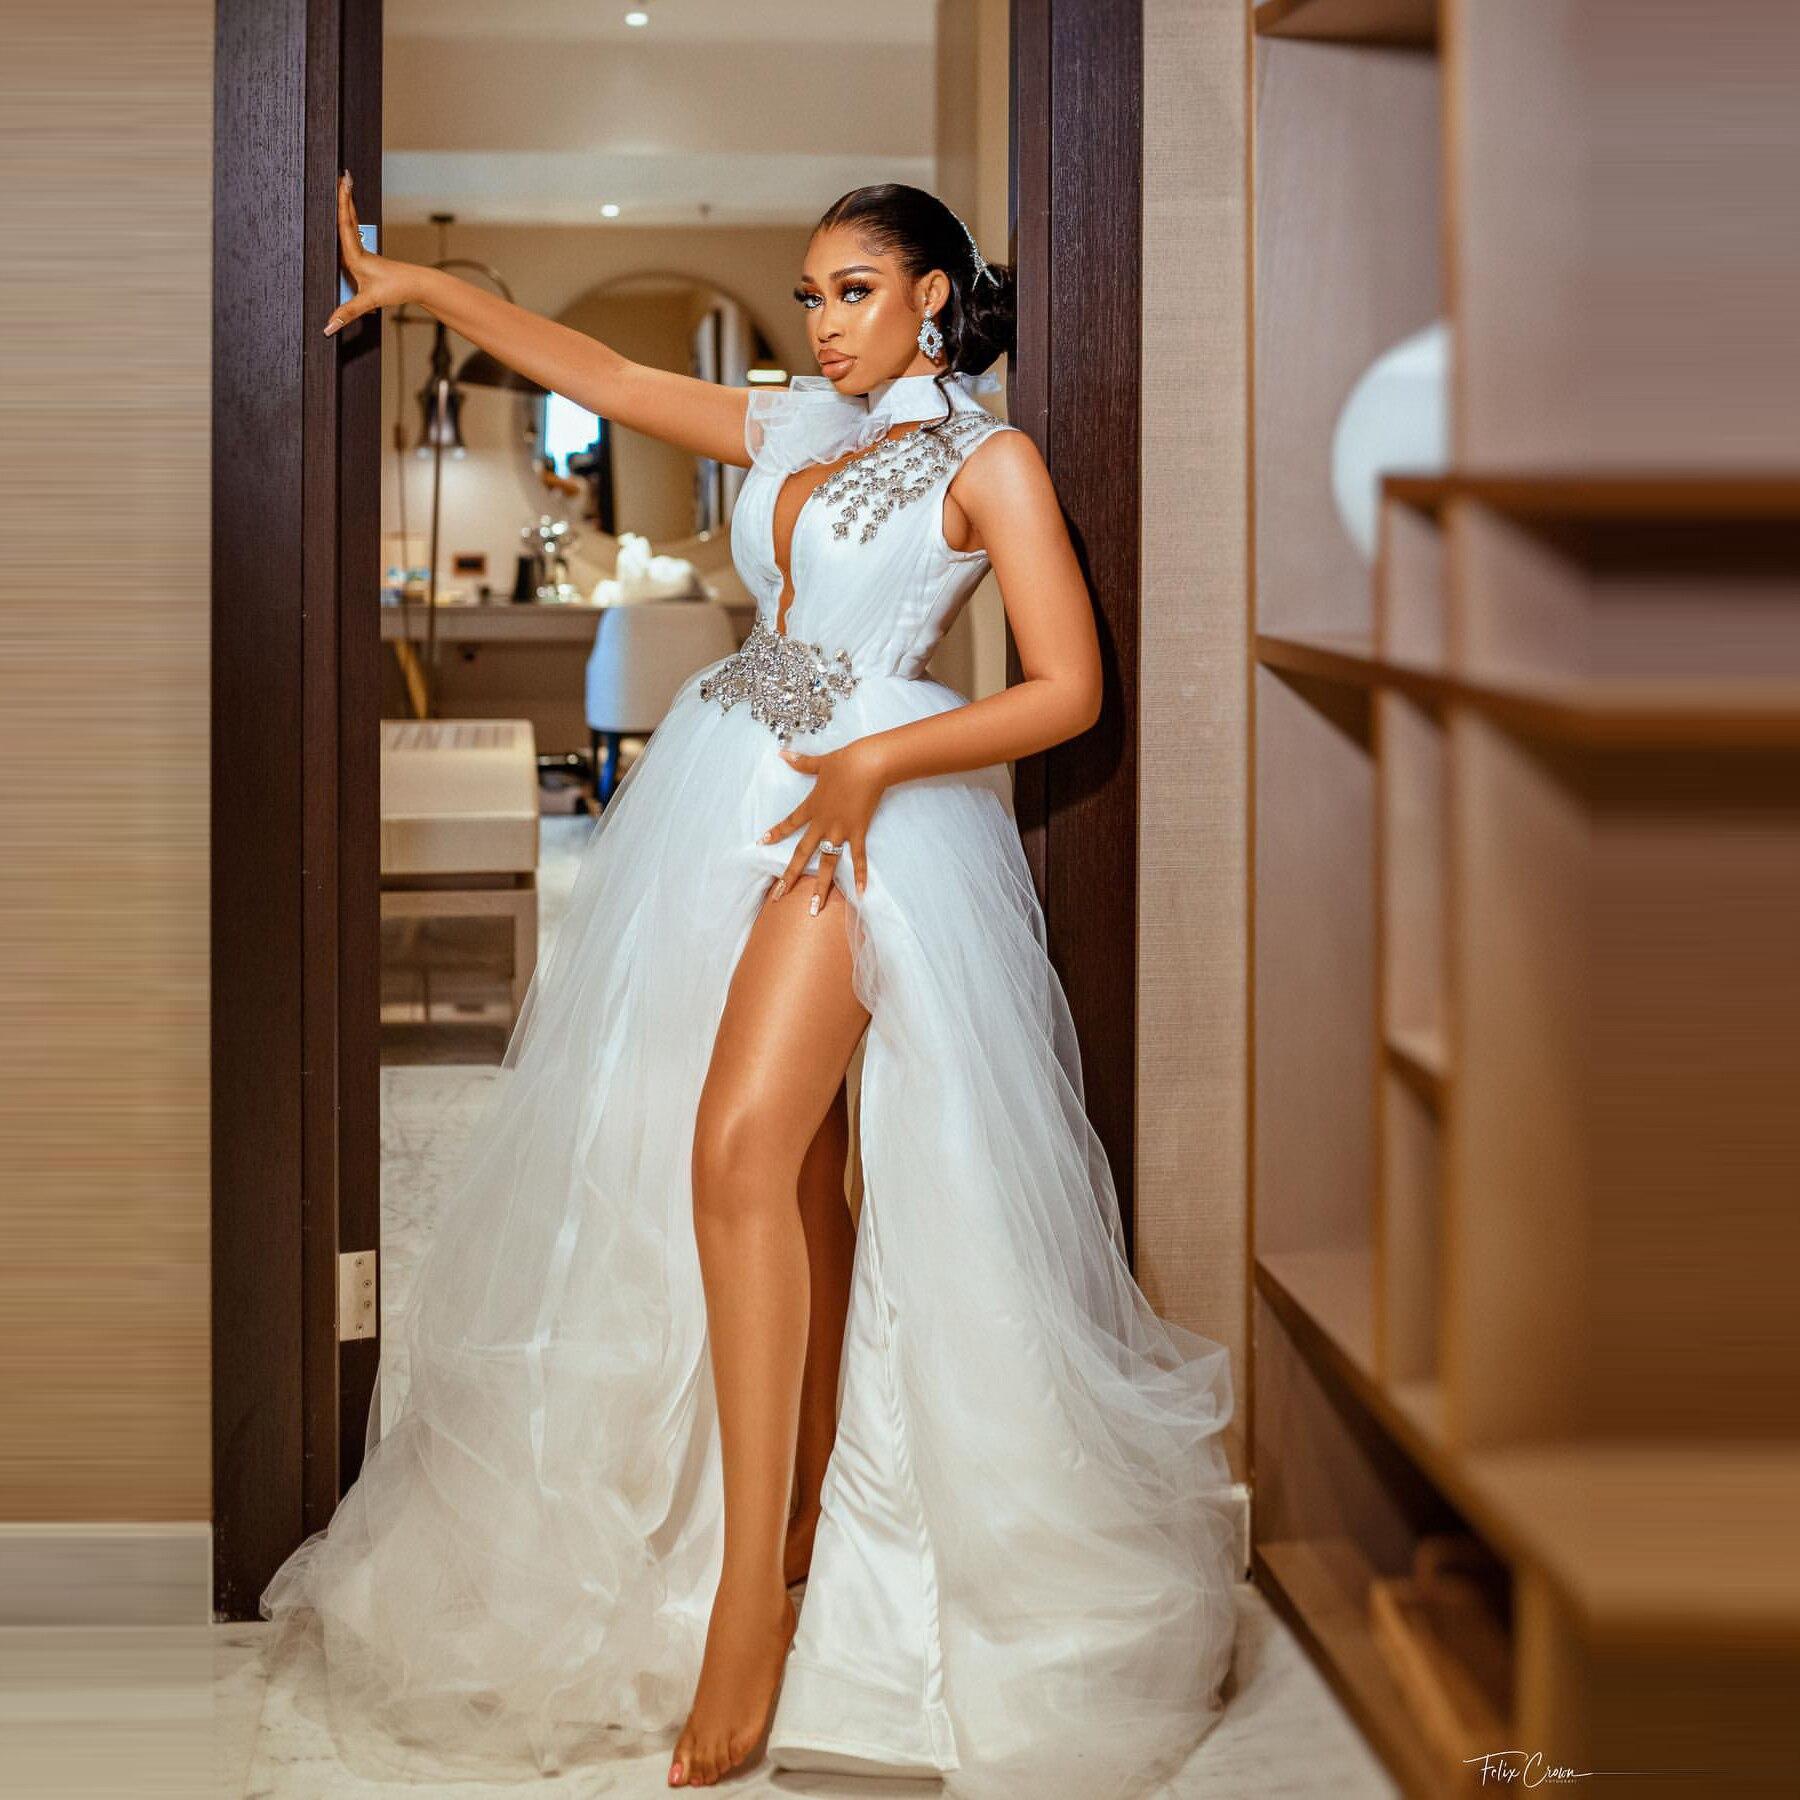 فساتين زفاف مثيرة الرسن العميق الخامس الرقبة بلورات بلا أكمام اضافية منتفخ الكرة ثوب عالية شق فساتين الزفاف الزفاف